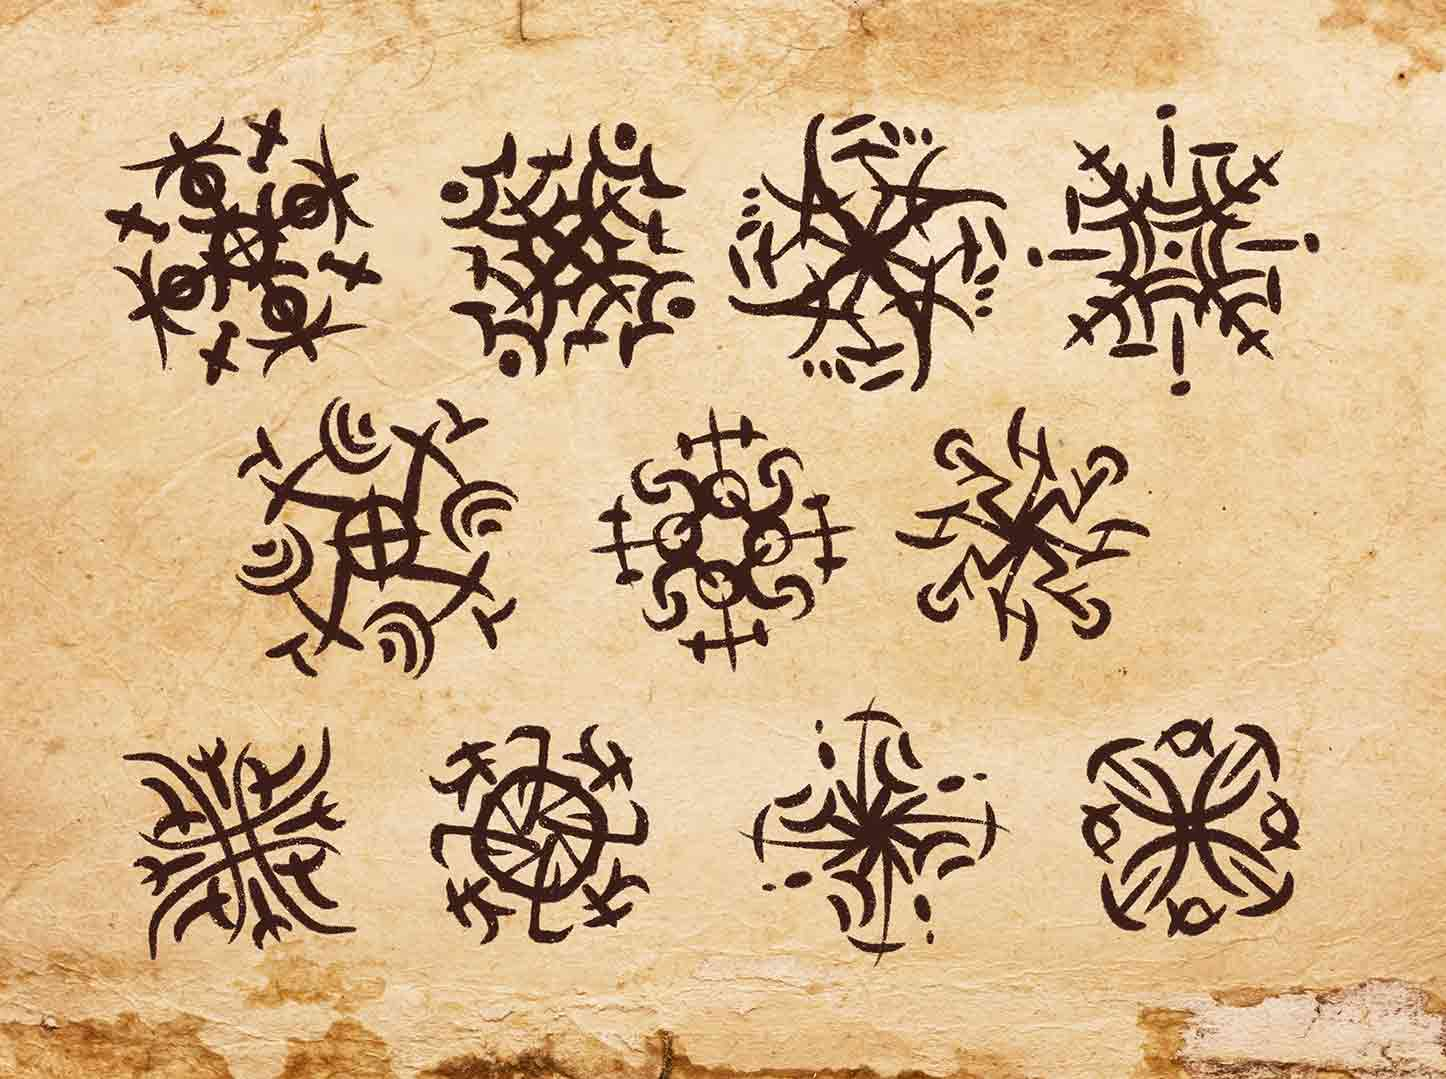 reperto su pergamena che mostra la lingua parlata degli orkran